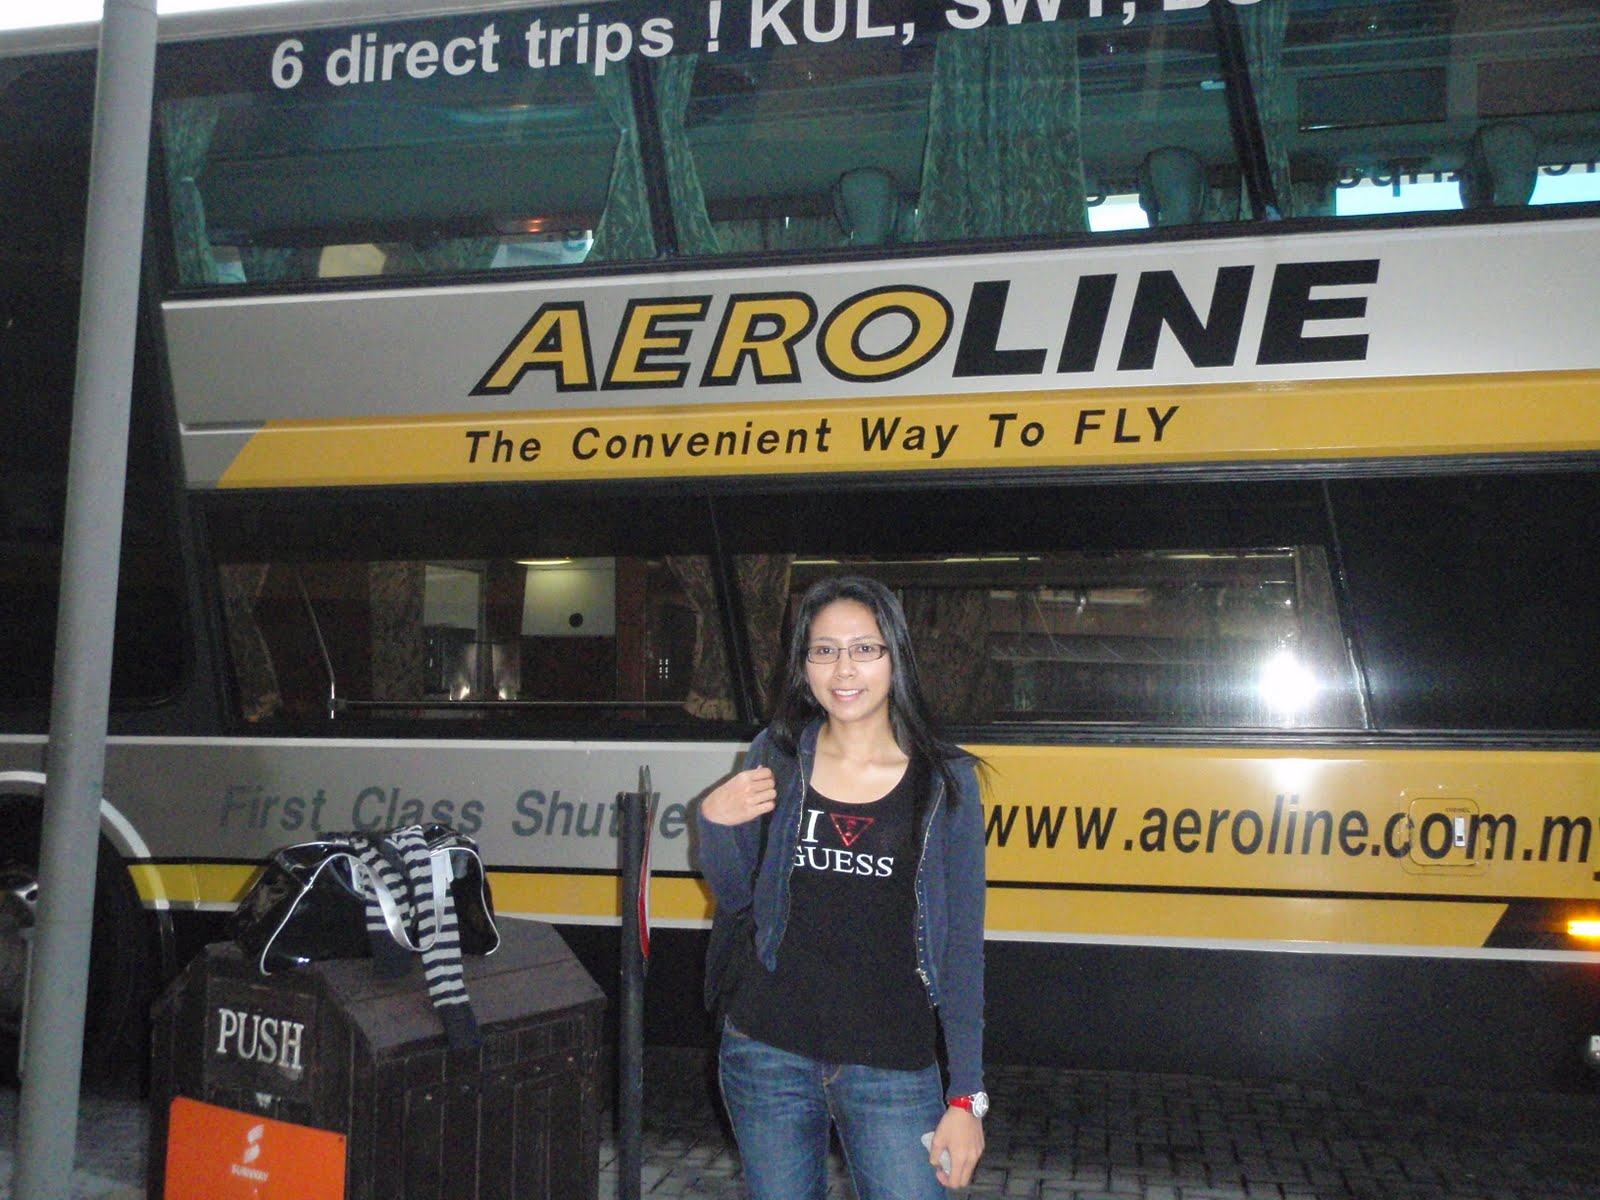 Untuk Ke Pulau Pinang Korang Boleh Melalui Udara Airasia Firefly MAS Dan Lain Darat Bas Kereta Ferrydan Air Kapal